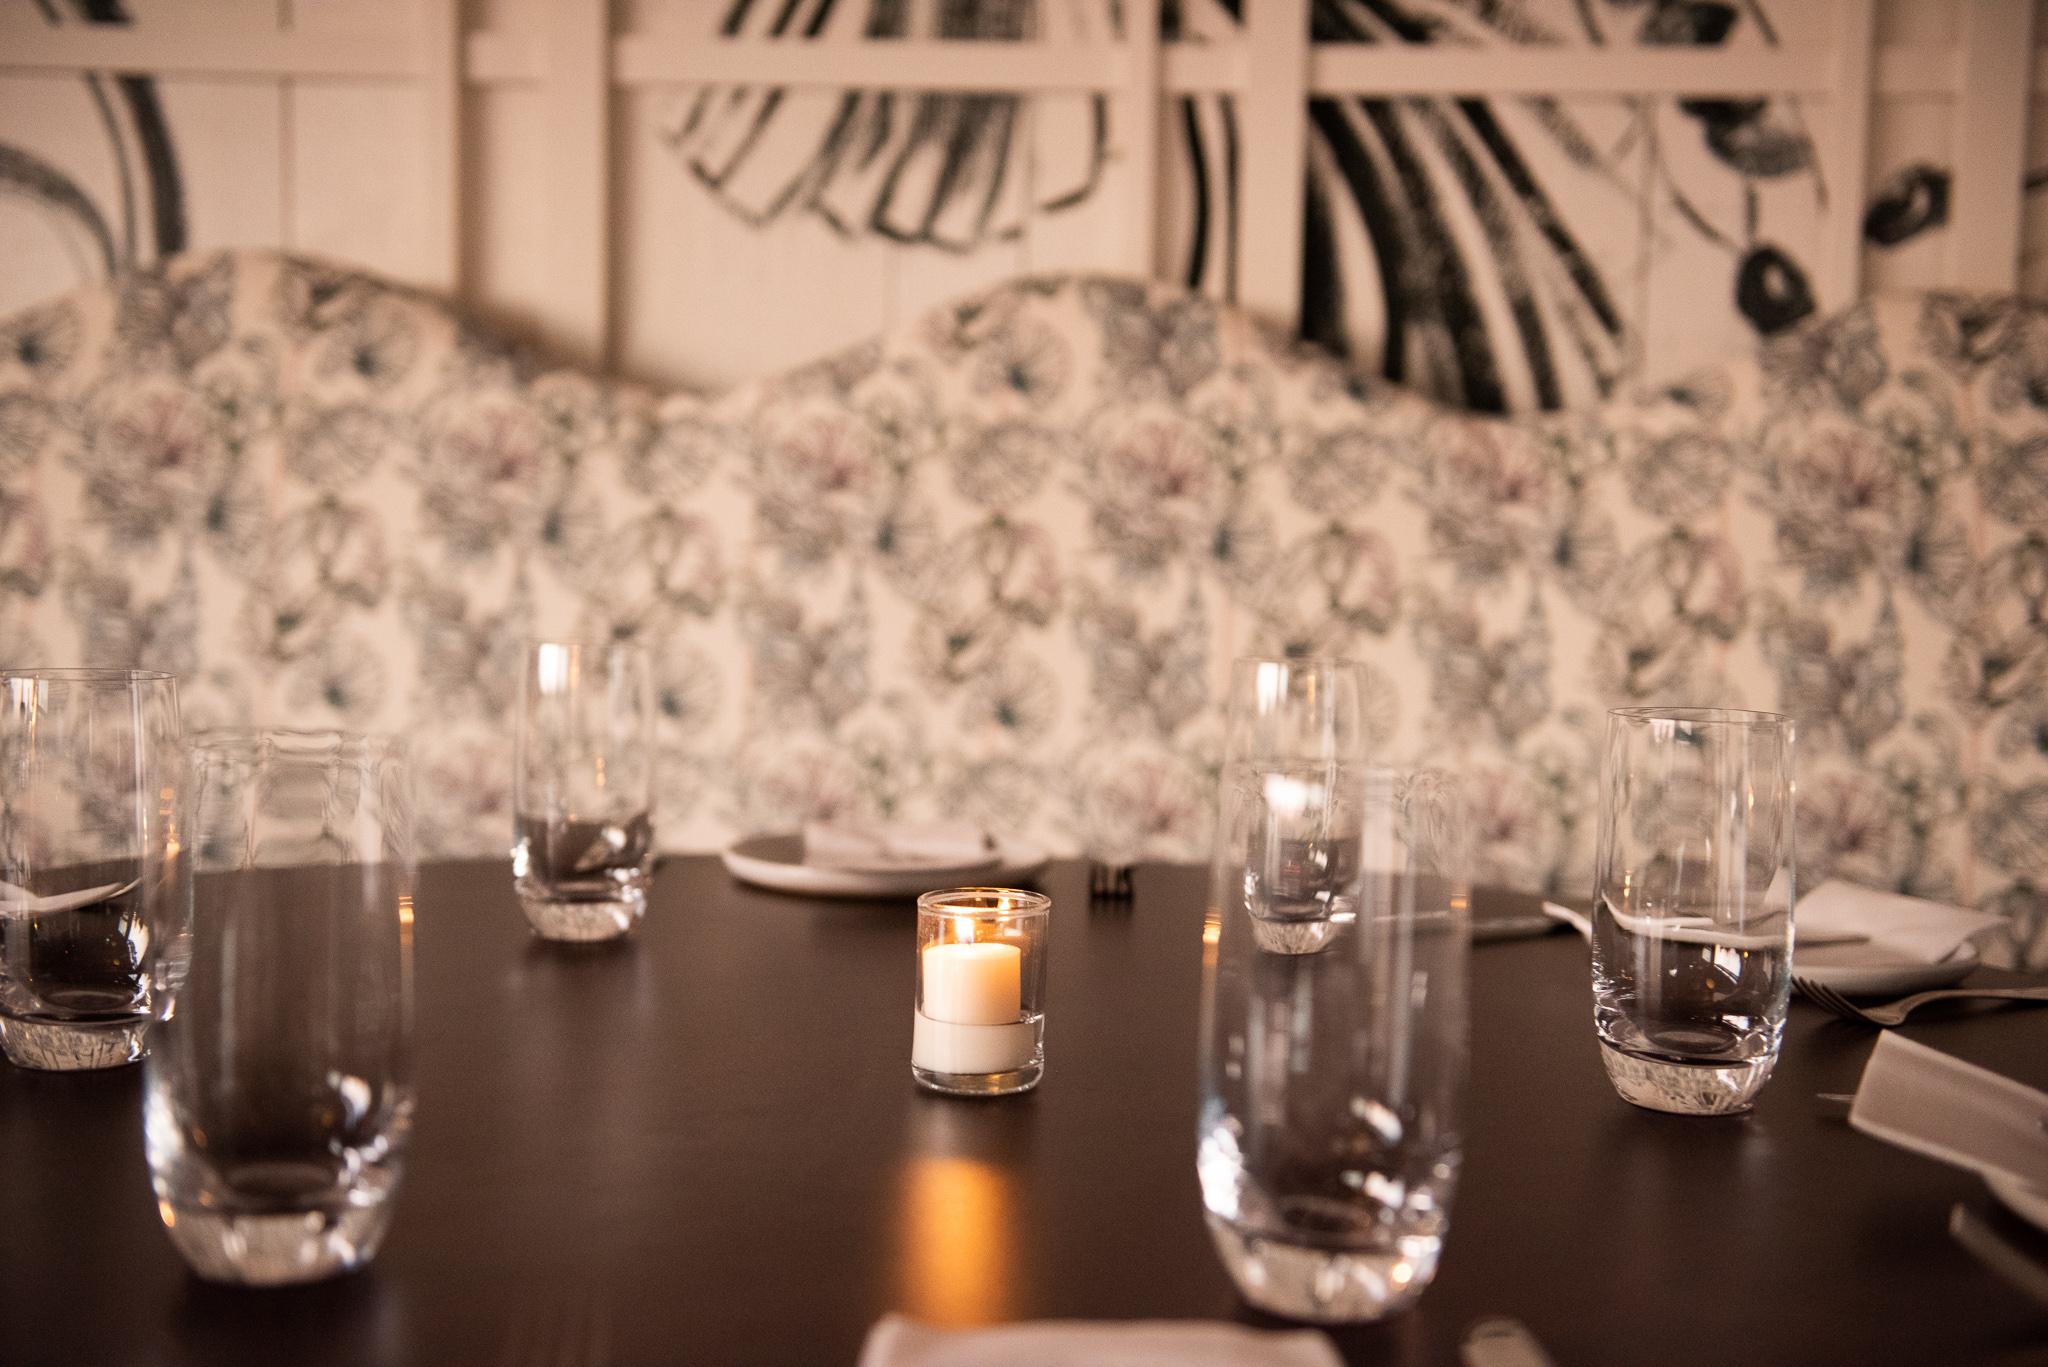 diningroom_detail_02.jpg